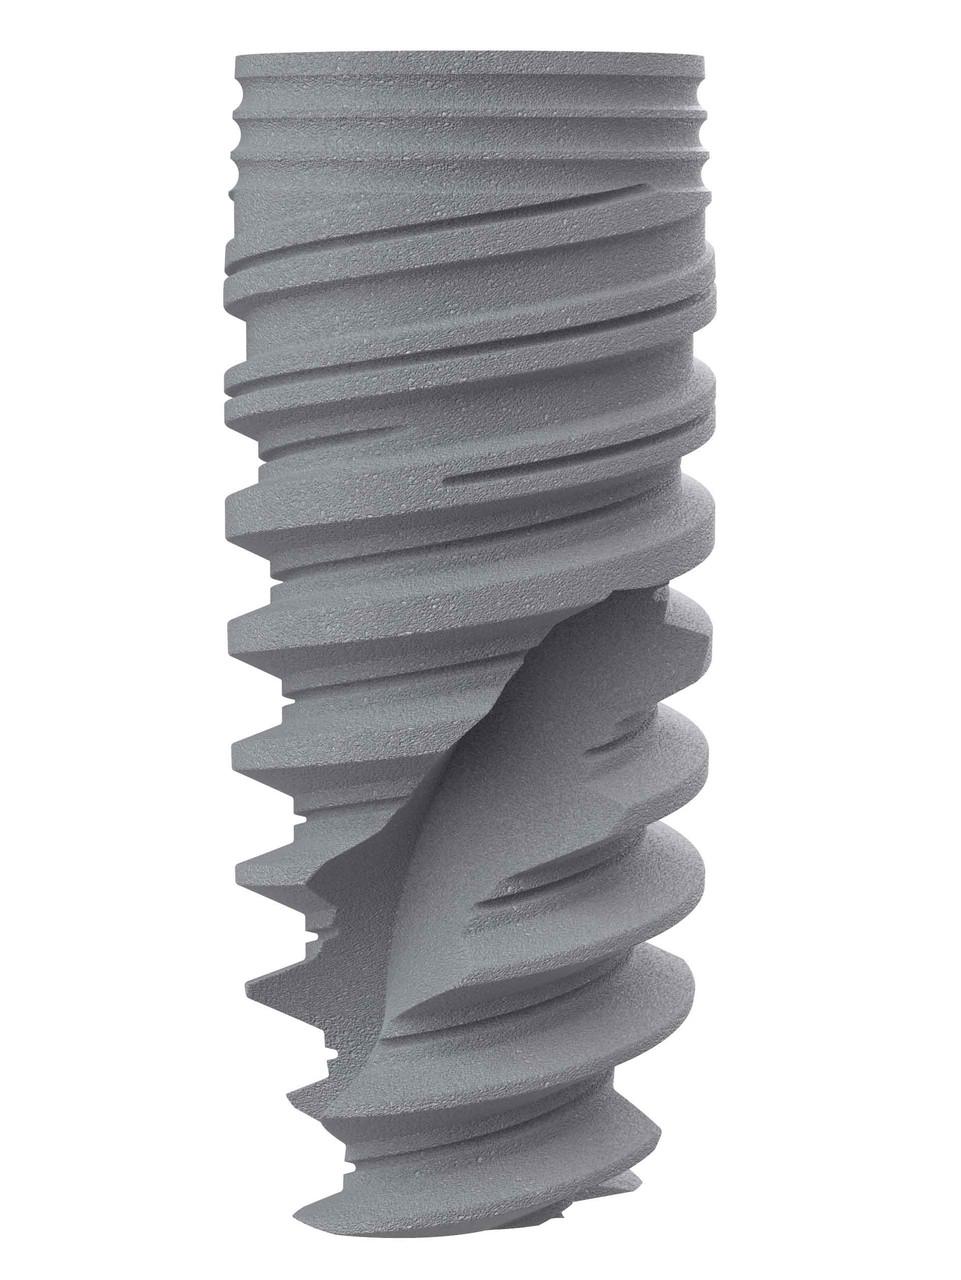 SSI - Spiral Shape Implant